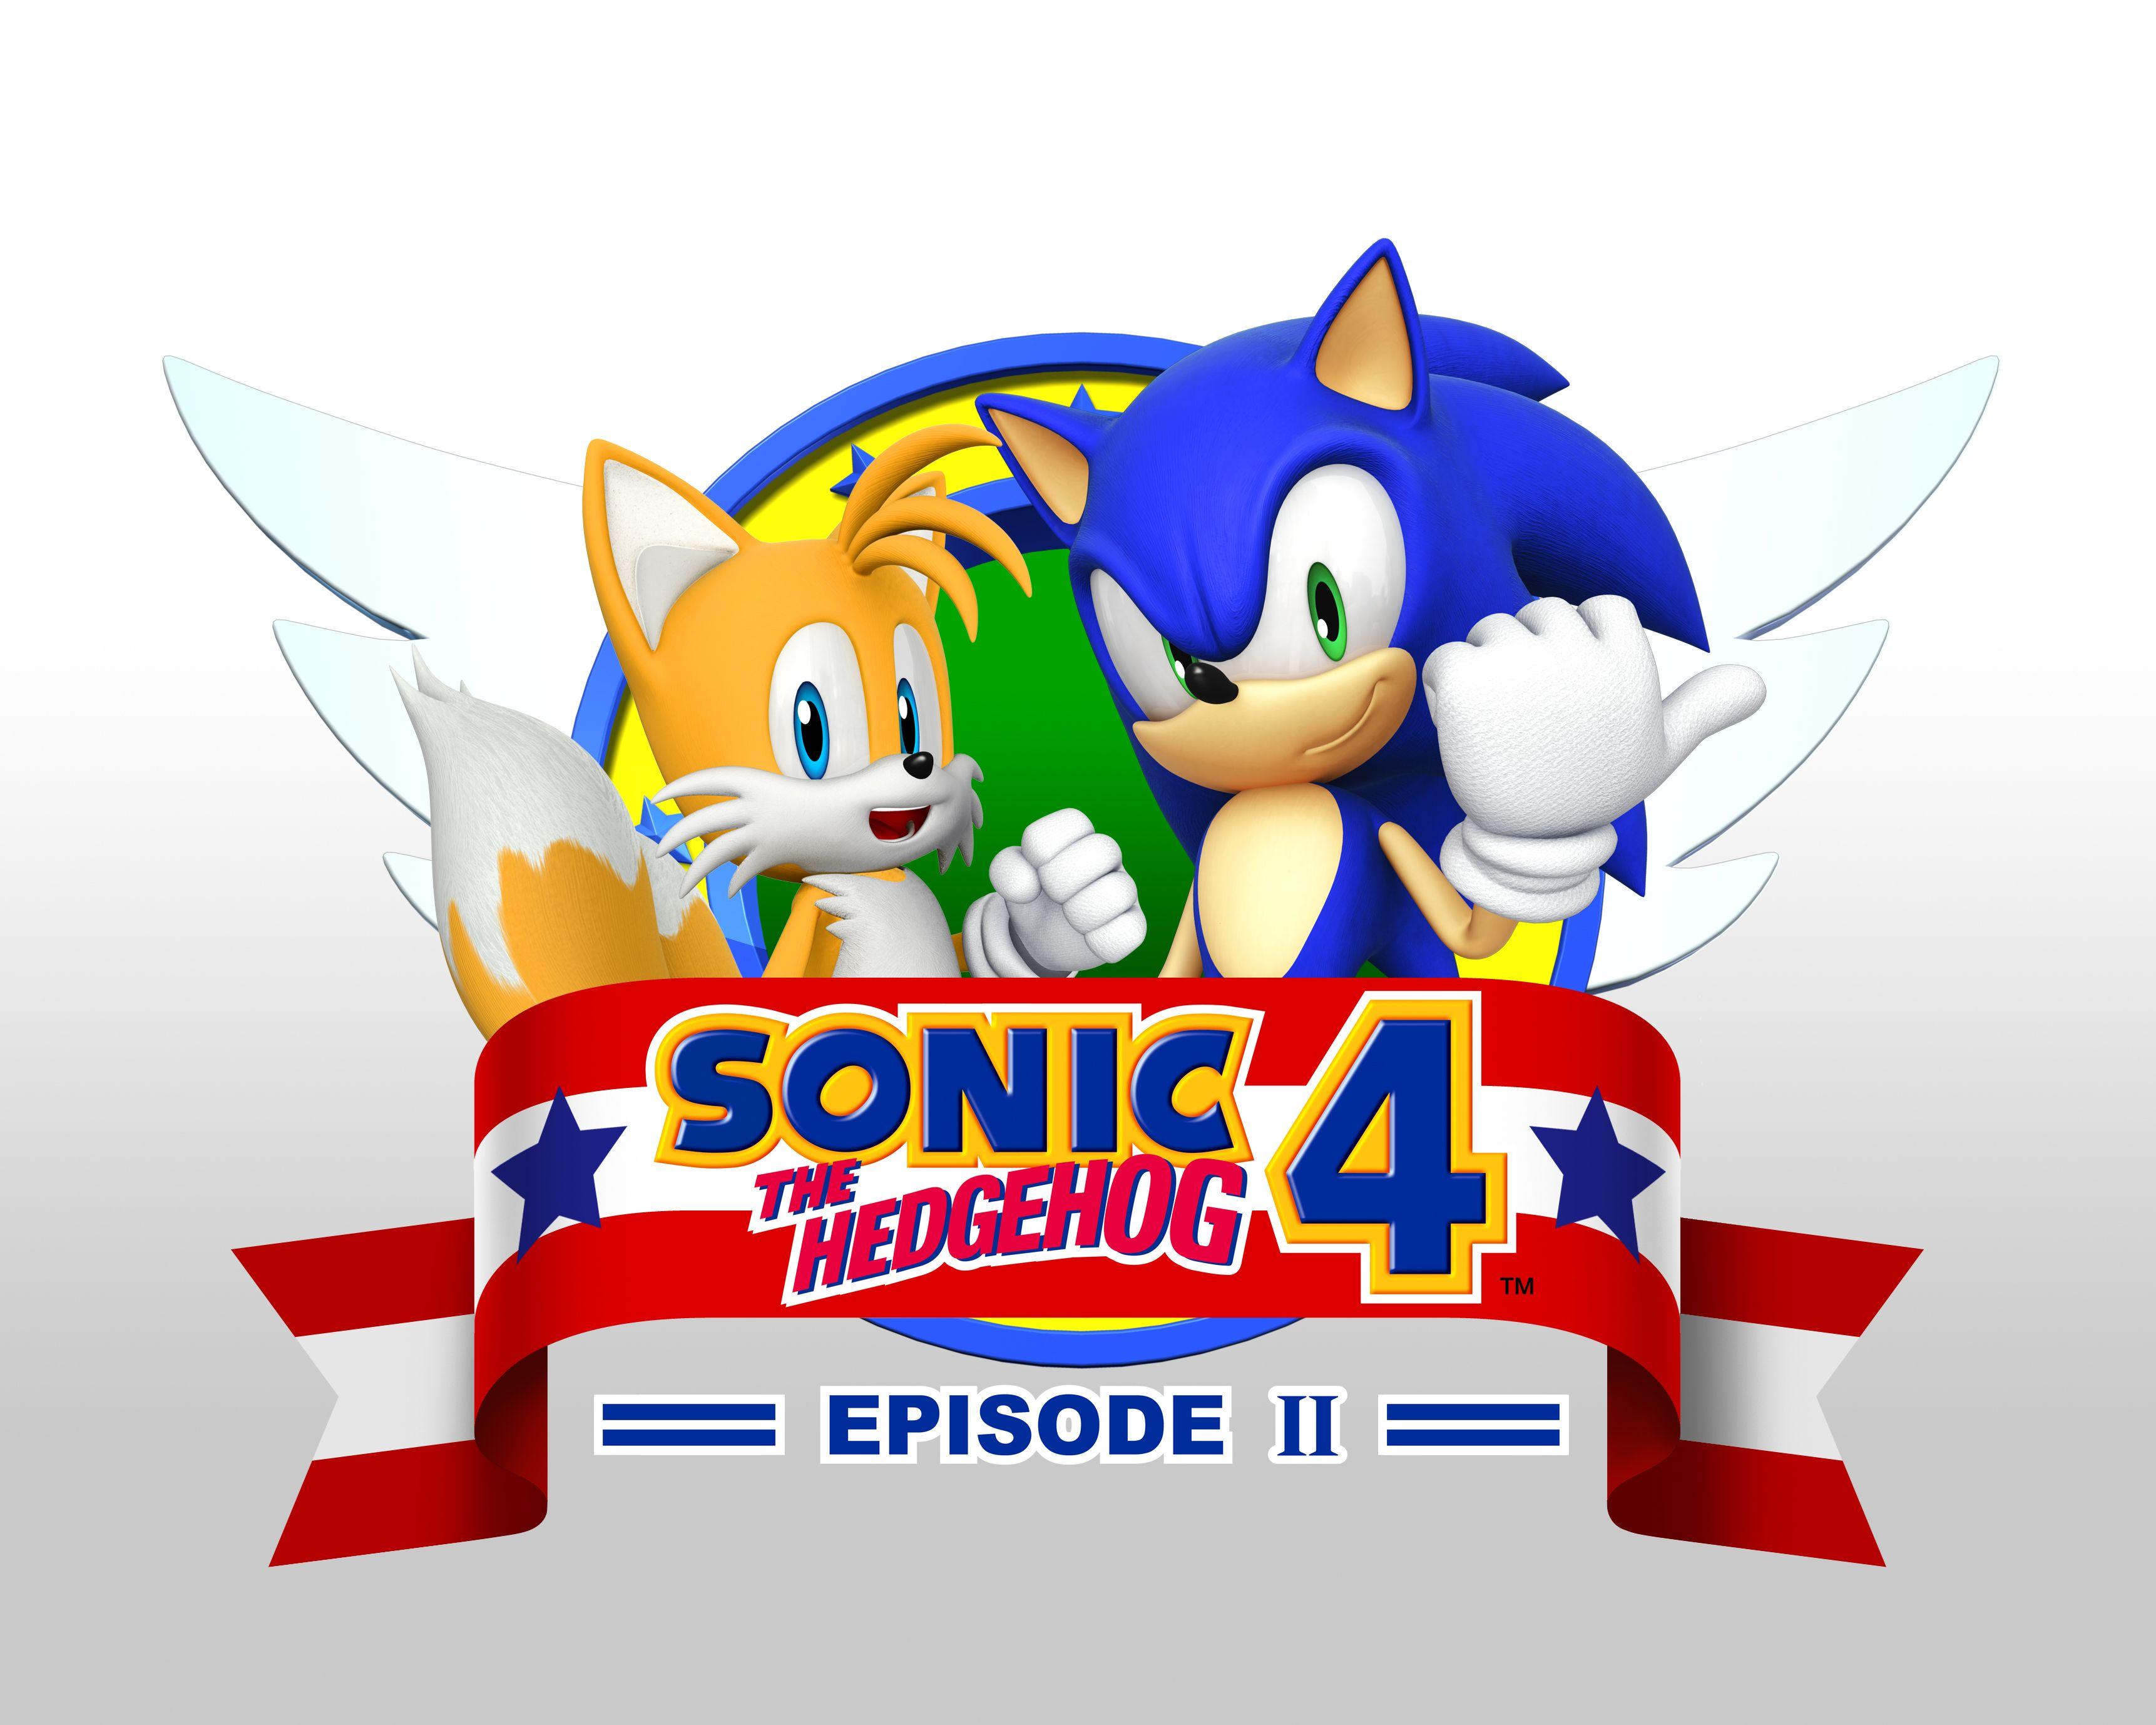 https://i0.wp.com/gematsu.com/wp-content/uploads/2012/01/Sonic-4-Ep-2-Logo.jpg